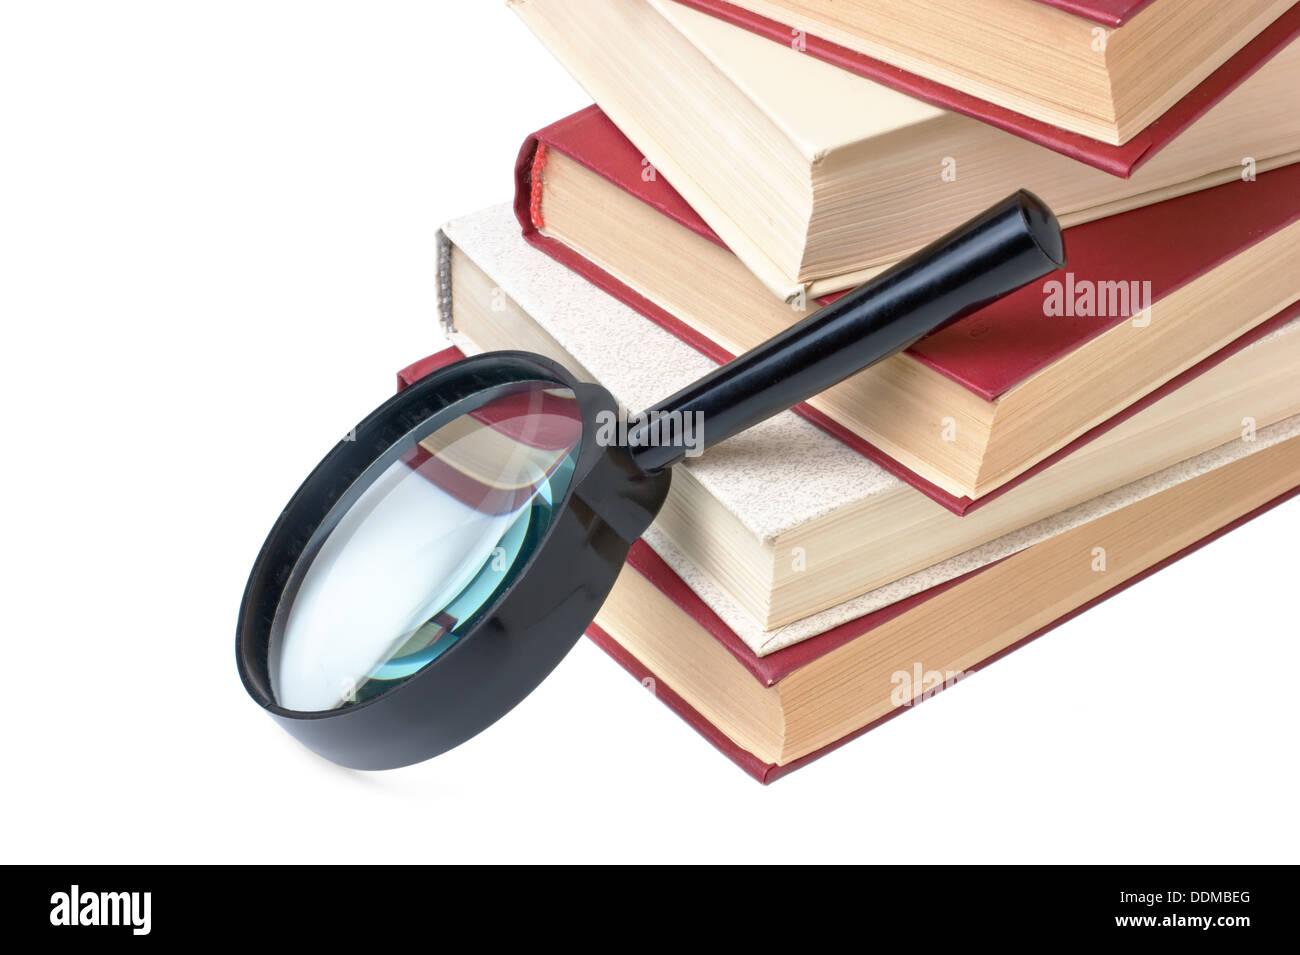 Pila de libros y aislados de lupa Imagen De Stock